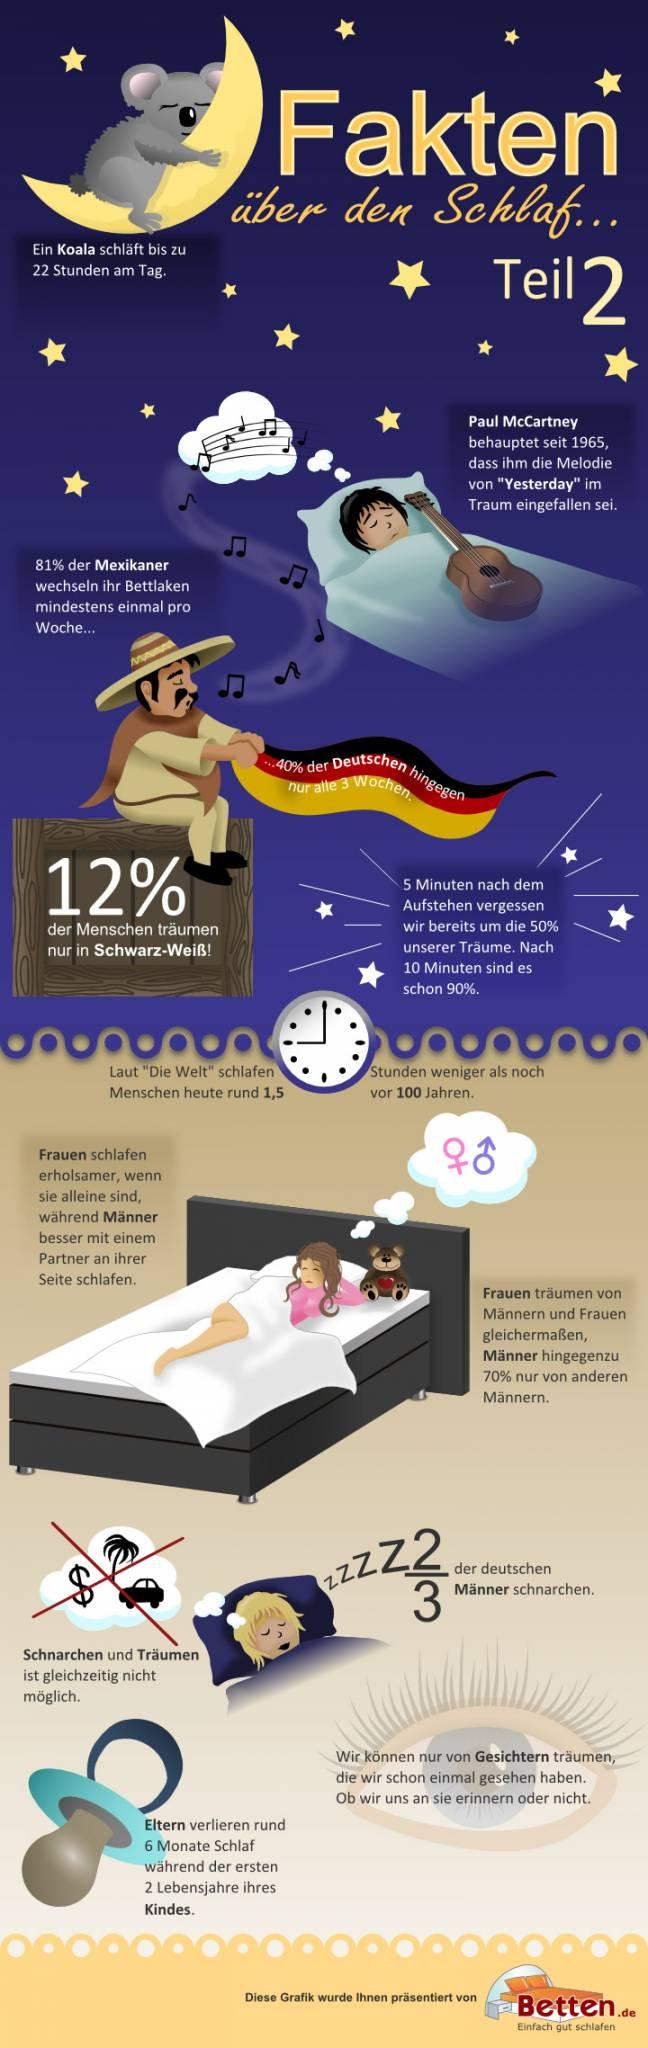 Noch mehr Fakten rund um den Schlaf - Schlaf-Magazin